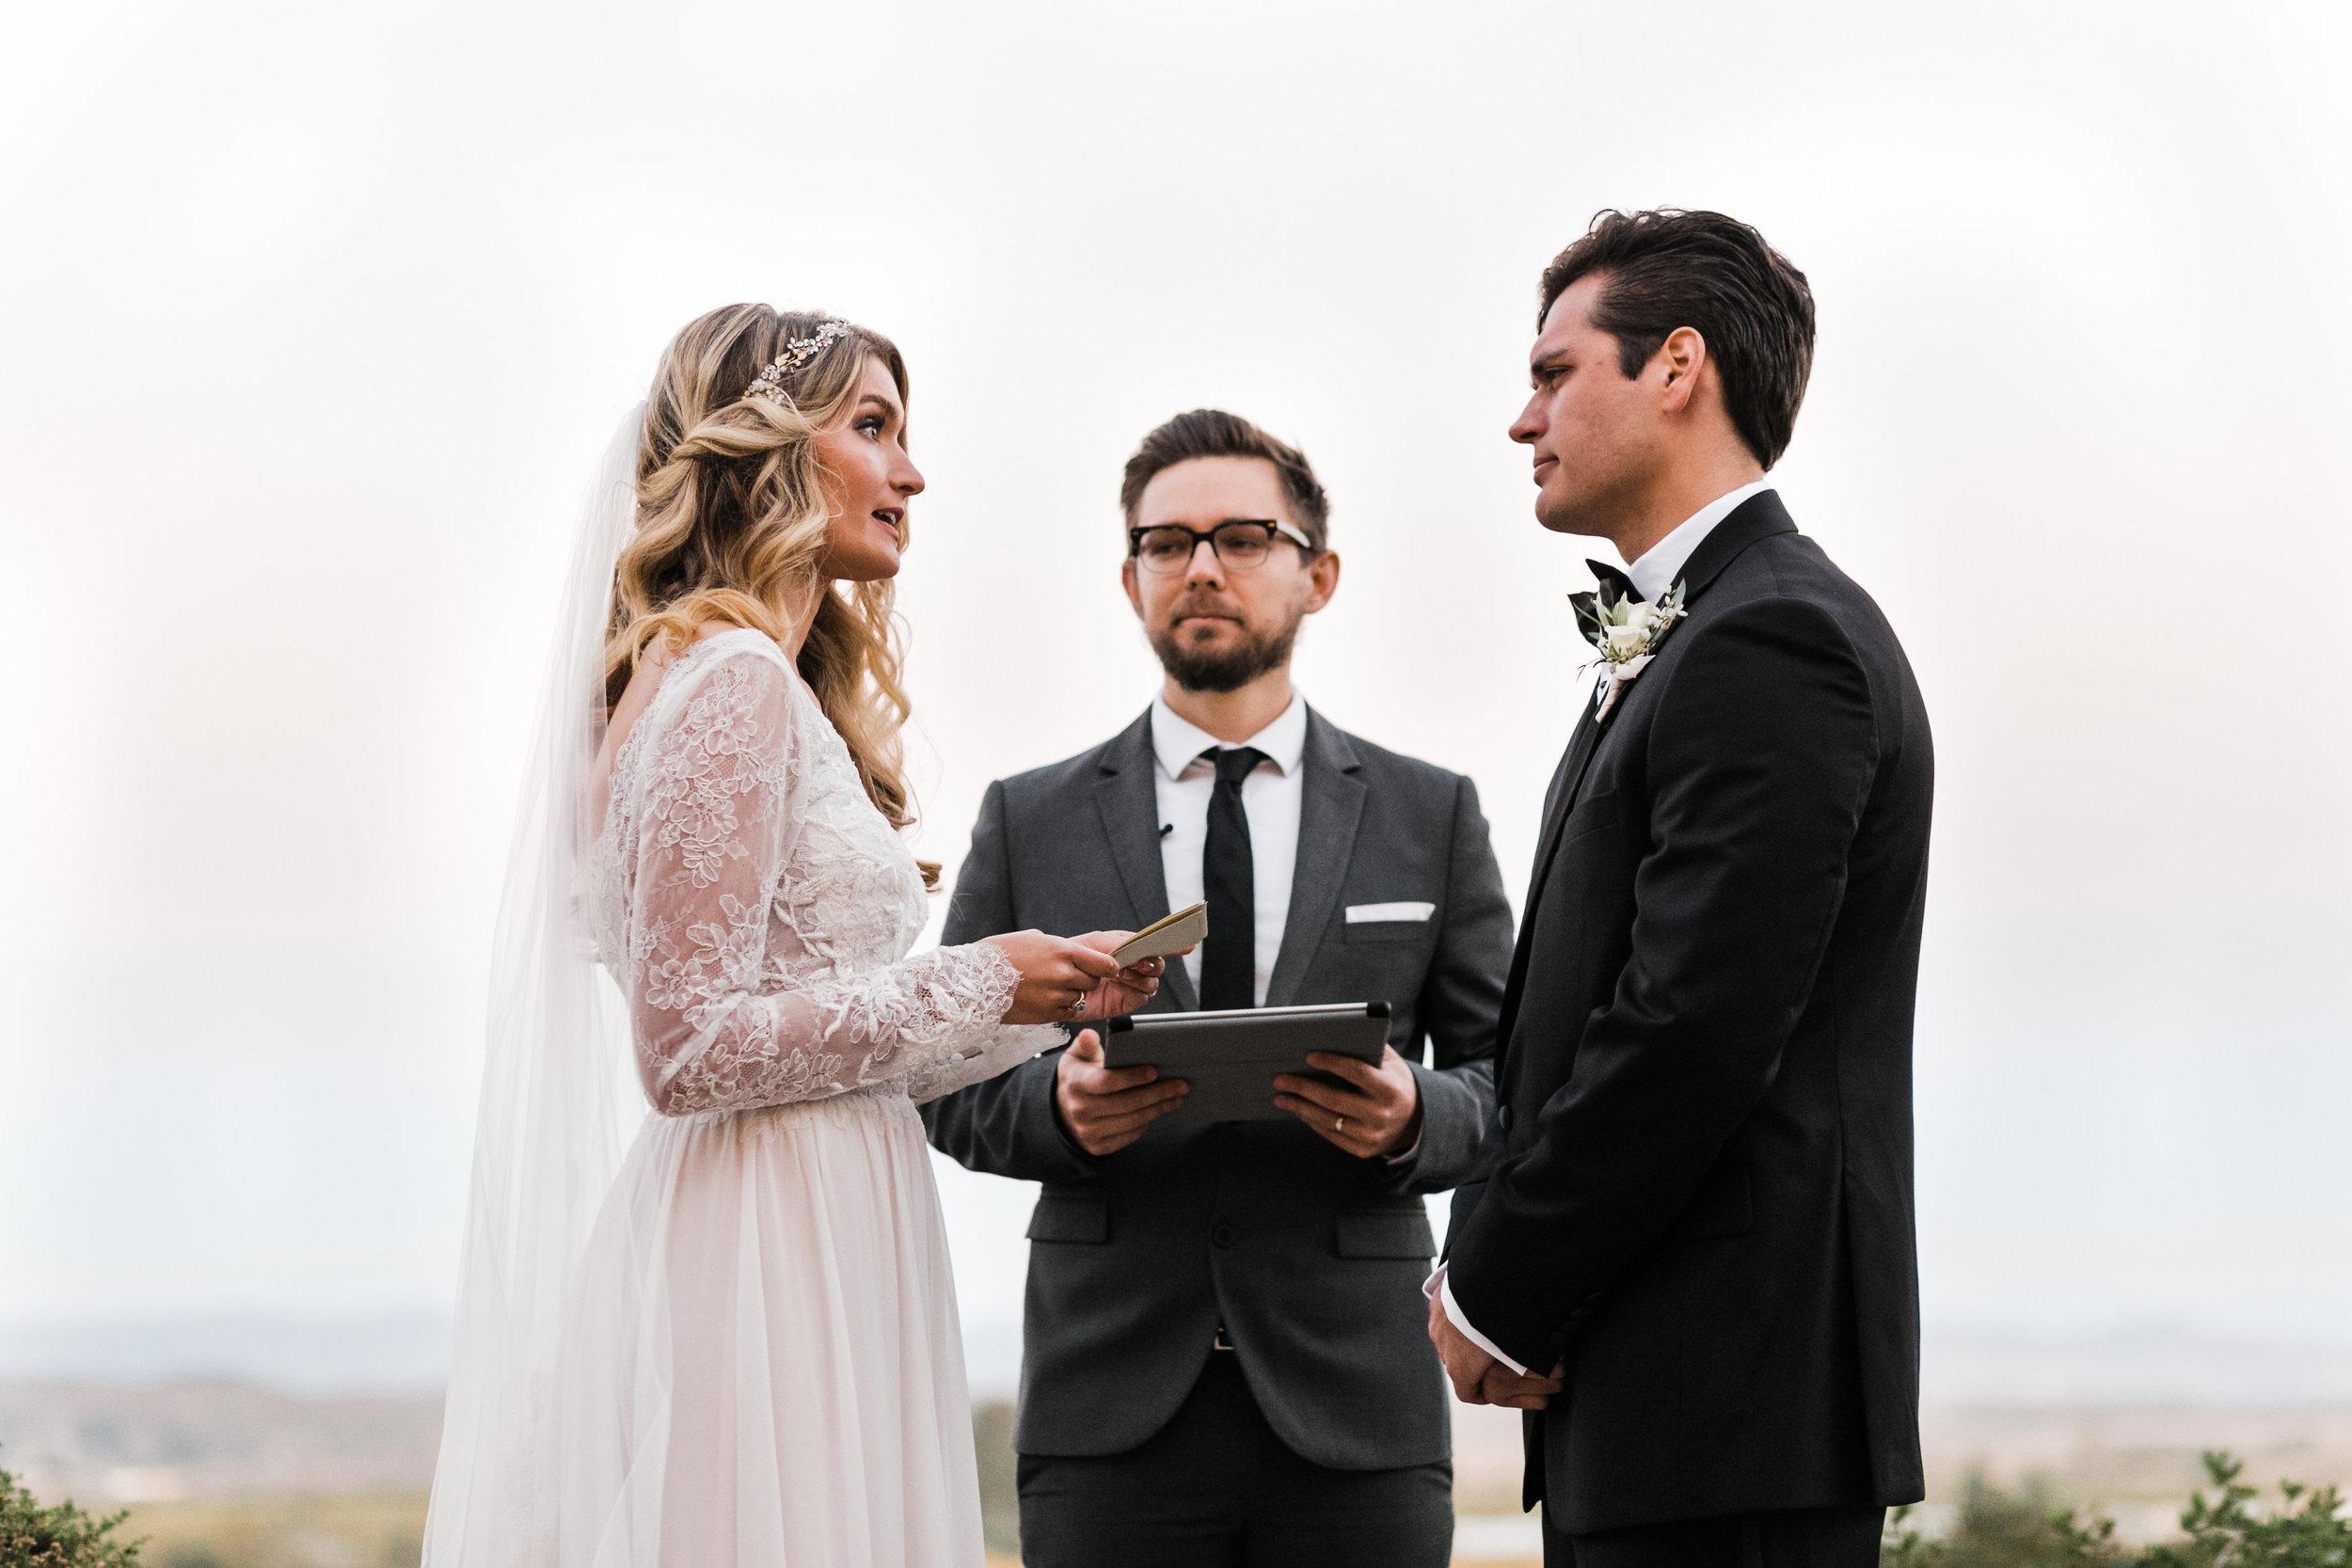 Paige&Garner-Married-290.jpg